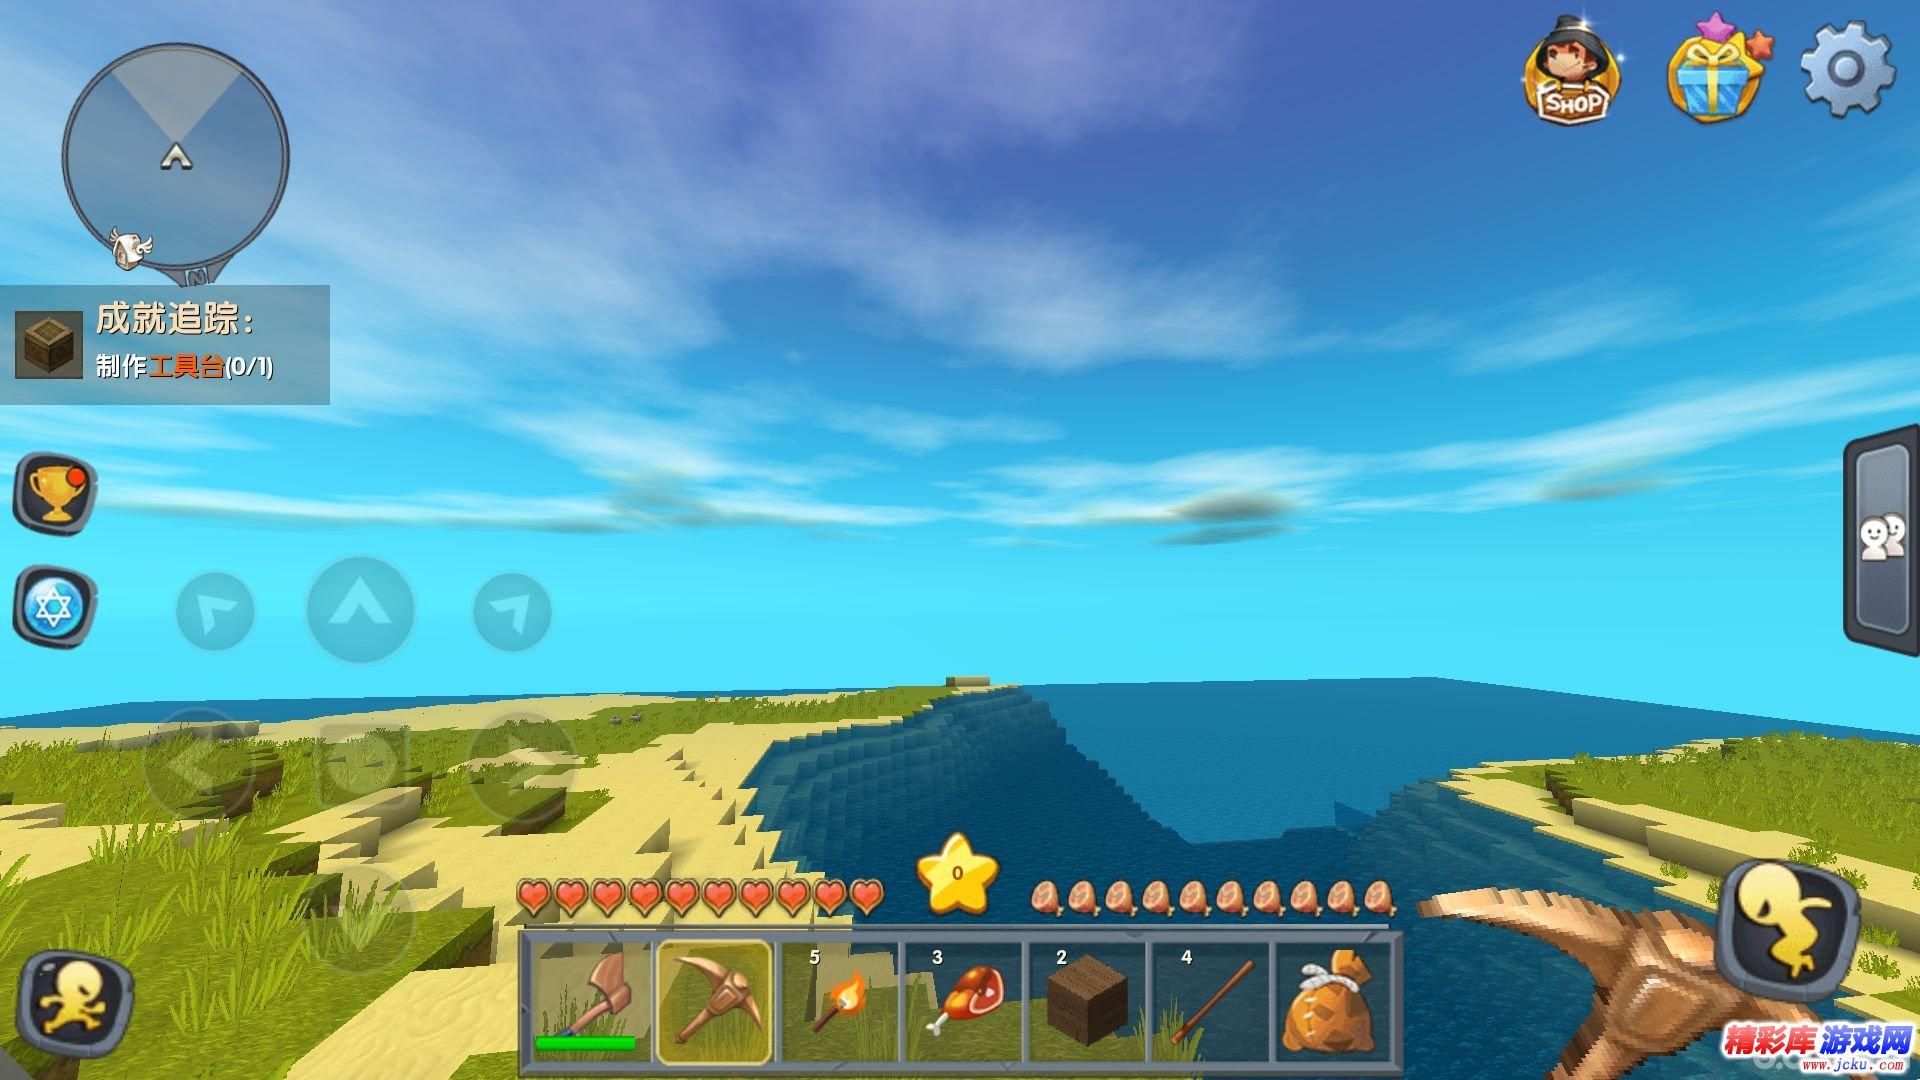 迷你世界游戏截图1